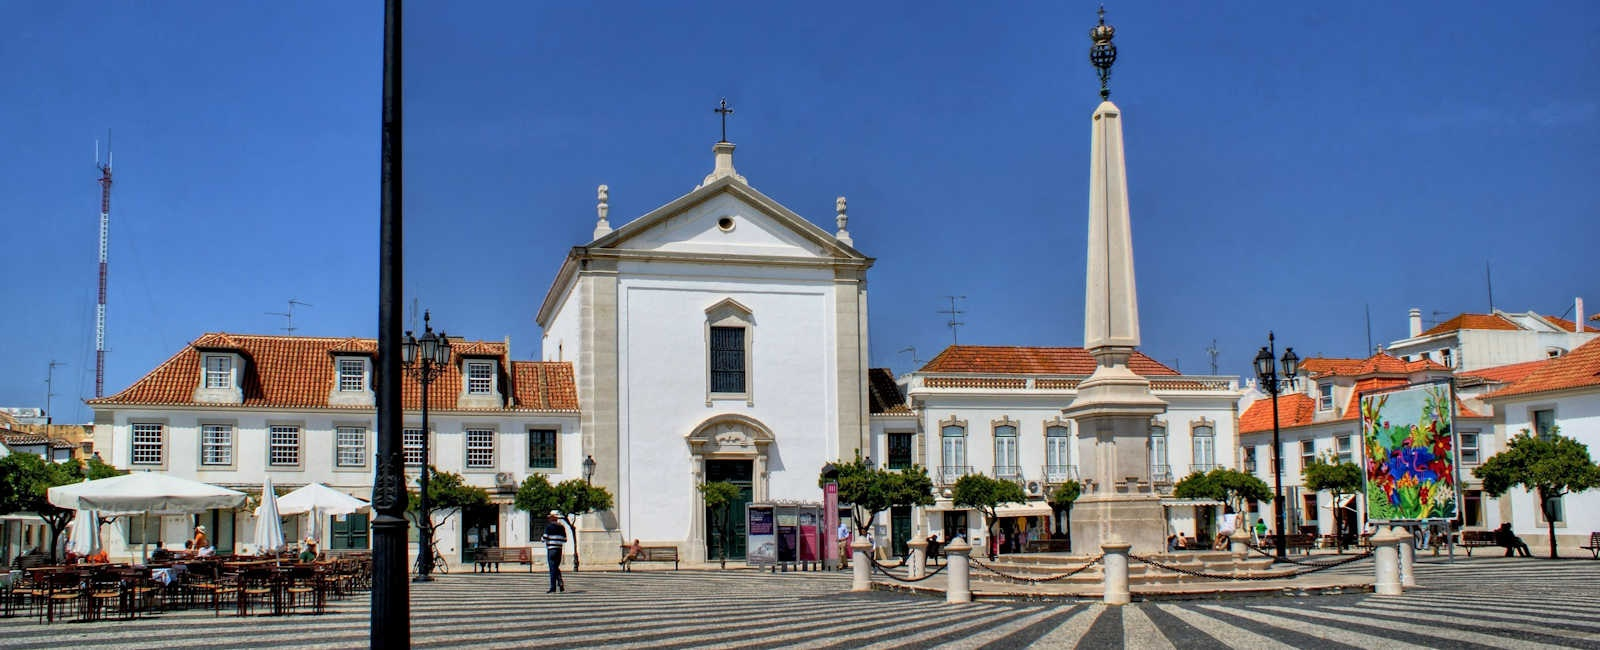 Vila Real de Santo Antonio, main image